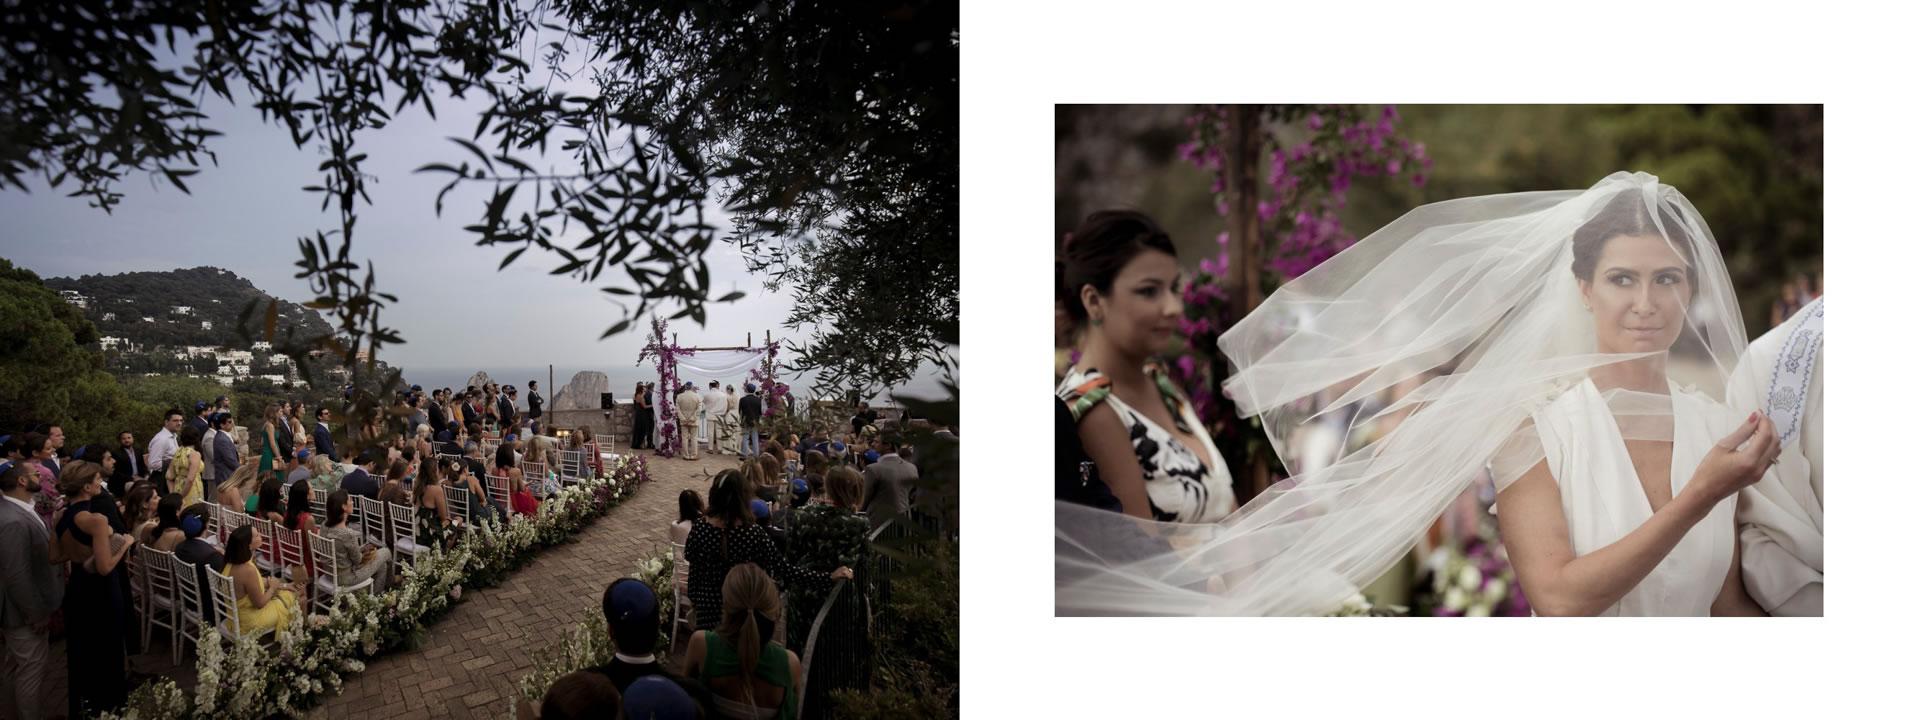 - 36 :: Jewish luxury wedding weekend in Capri :: Luxury wedding photography - 35 ::  - 36